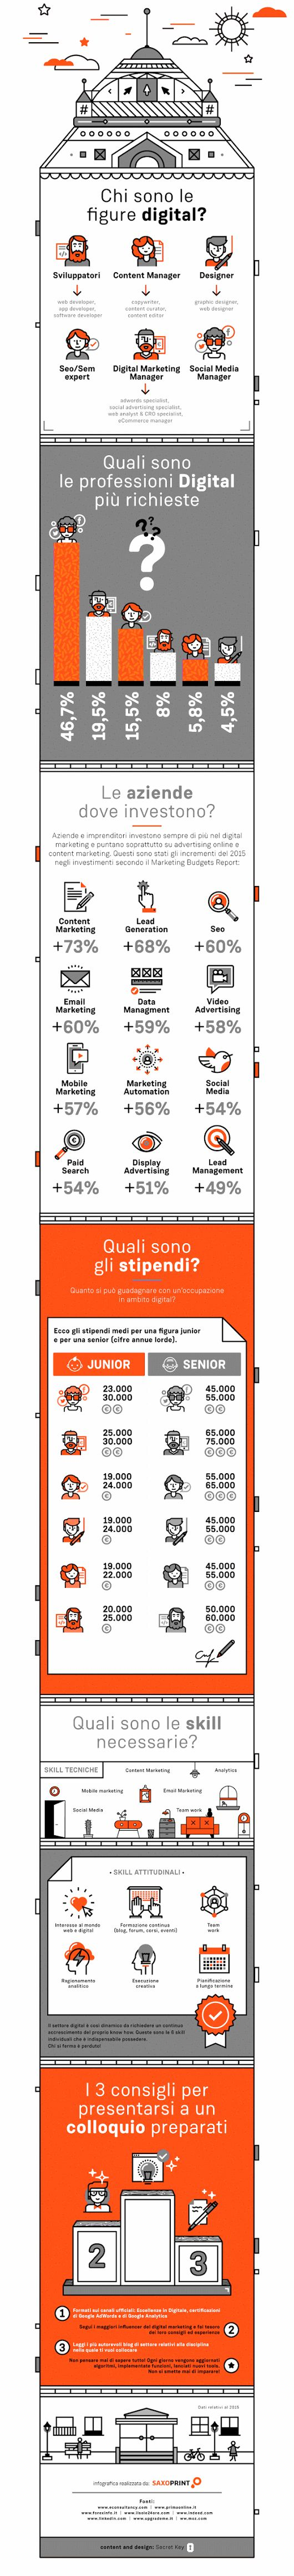 Le figure digitali in infografica!